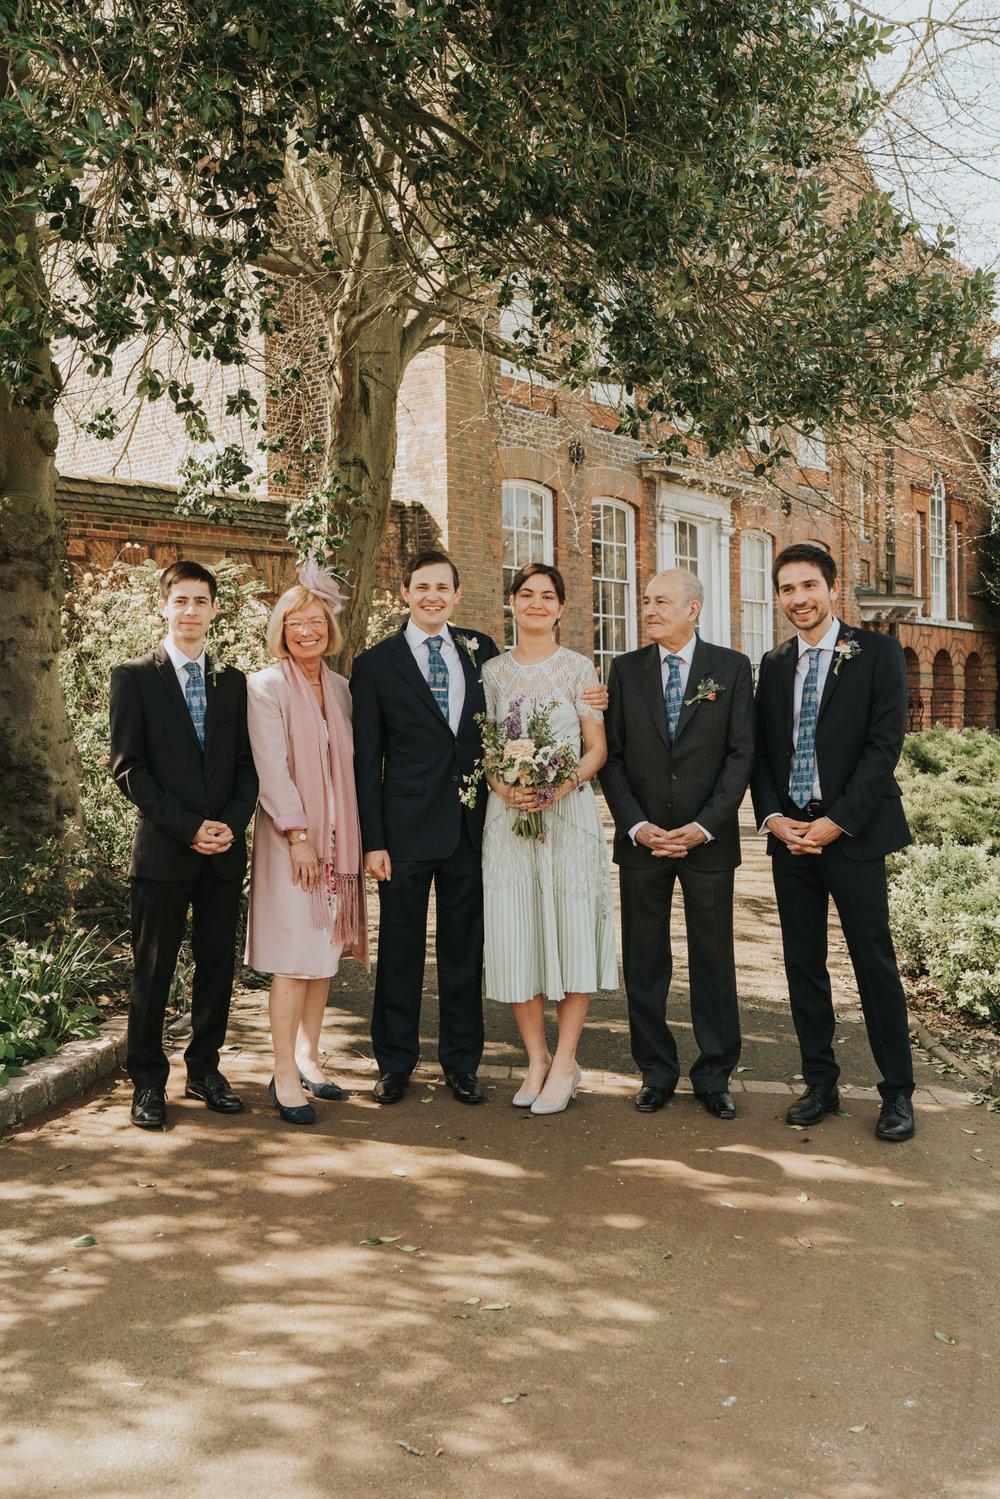 Will-Rhiannon-Art-Deco-Alterative-Essex-Wedding-Suffolk-Grace-Elizabeth-59.jpg